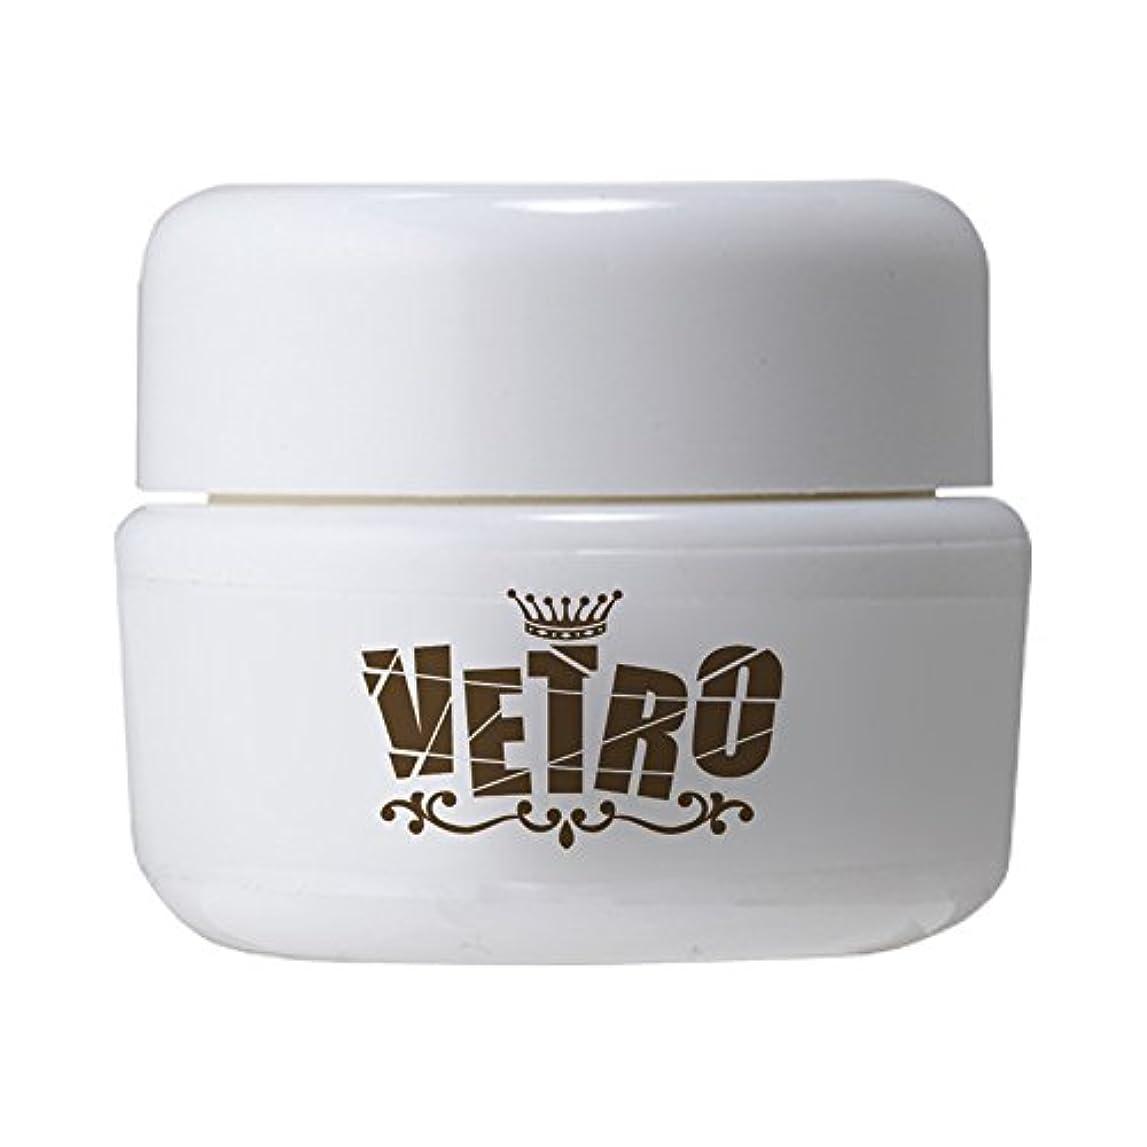 十億対話配分VETRO No.19 カラージェル グリッター VL348 ビックバン 4ml